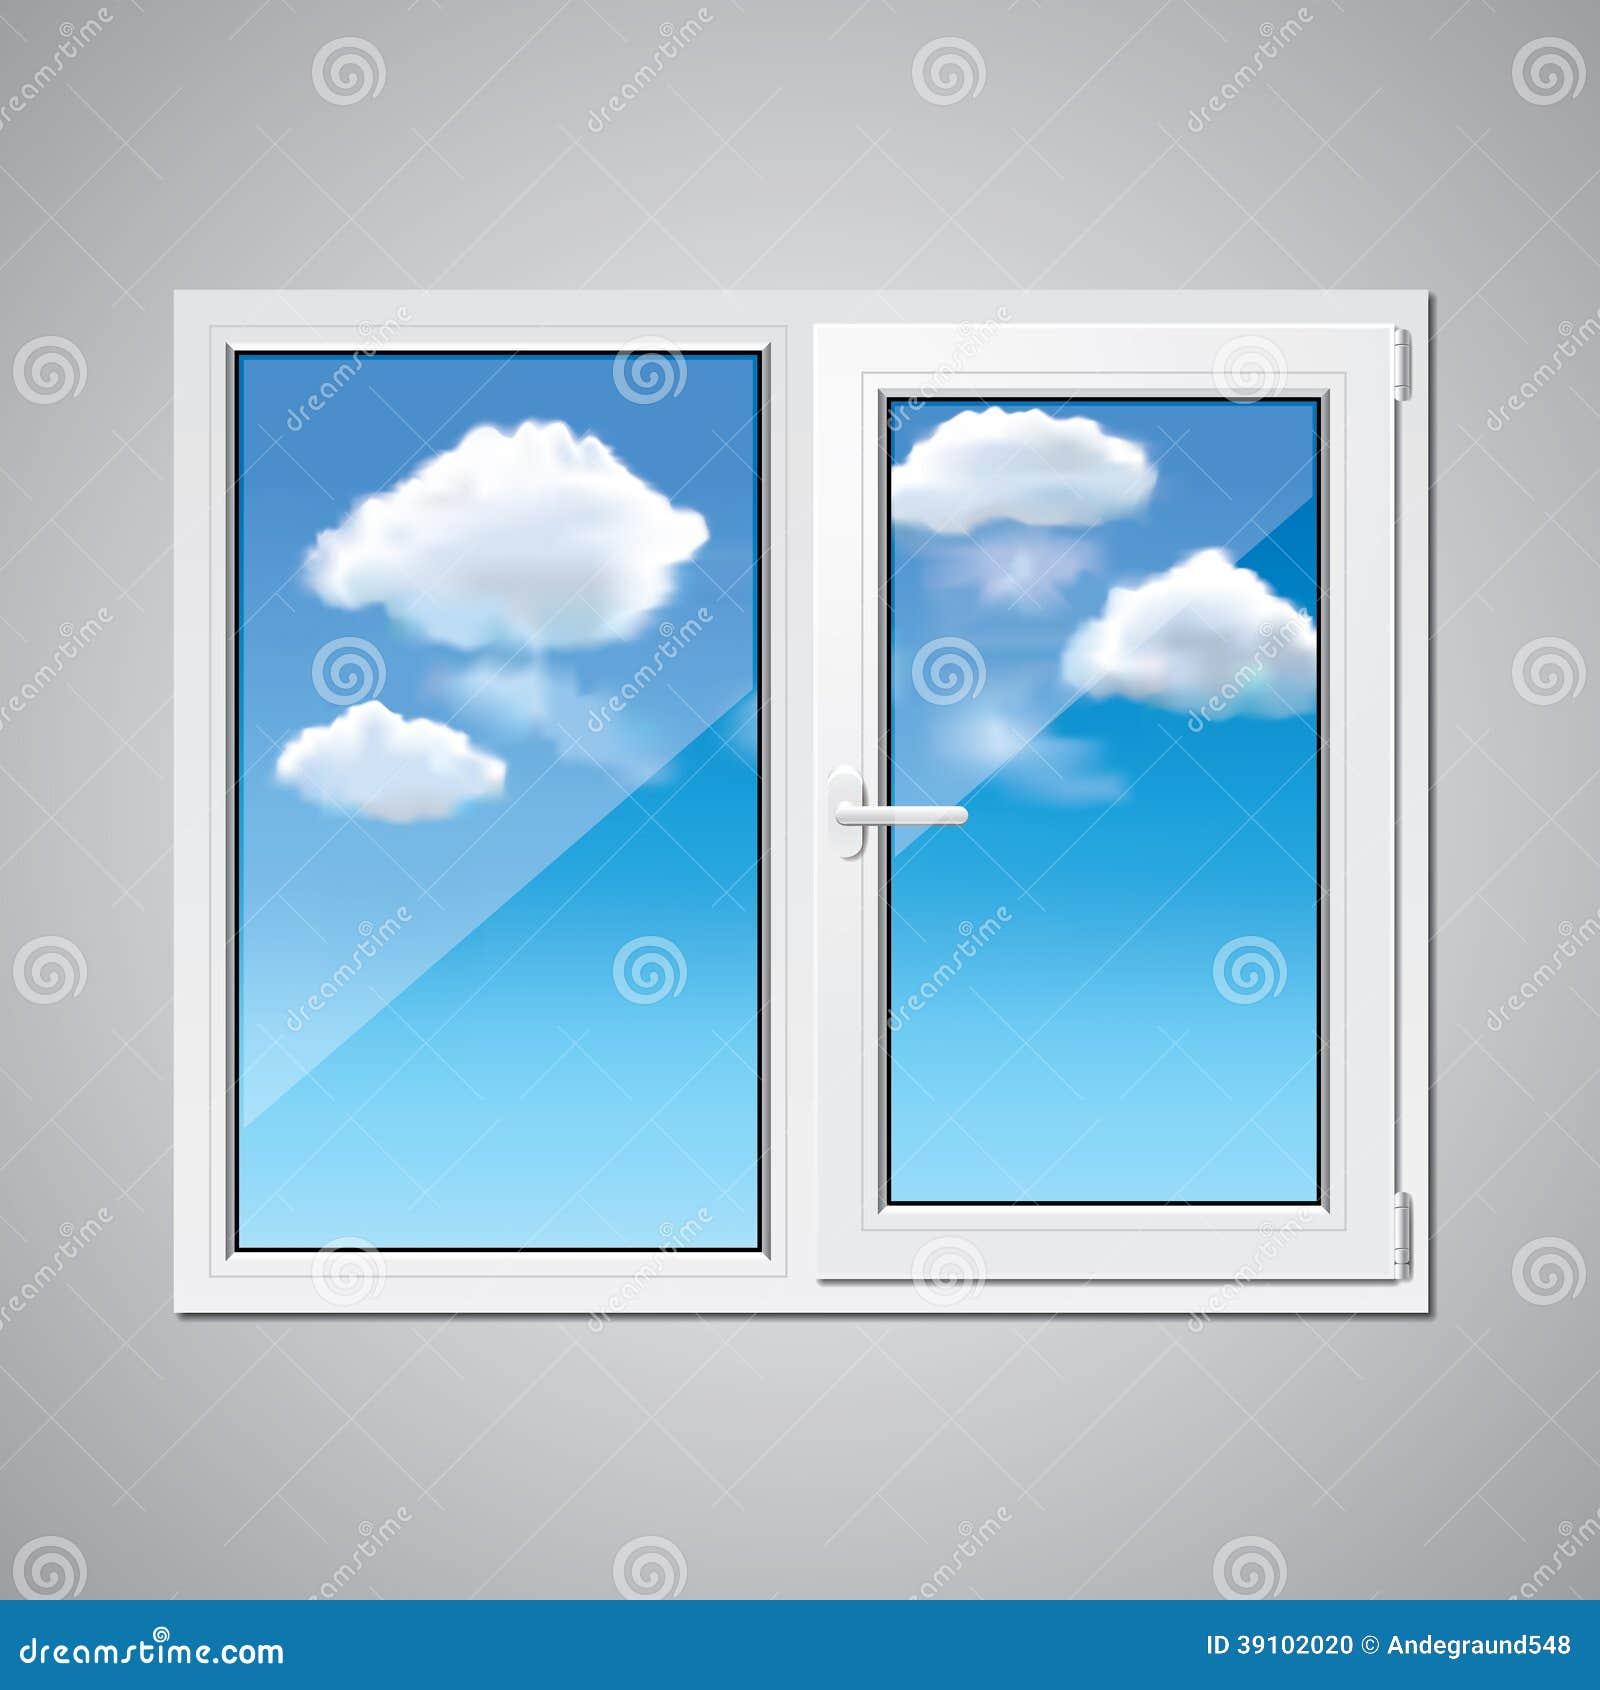 Plastic venster en blauwe hemelillustratie